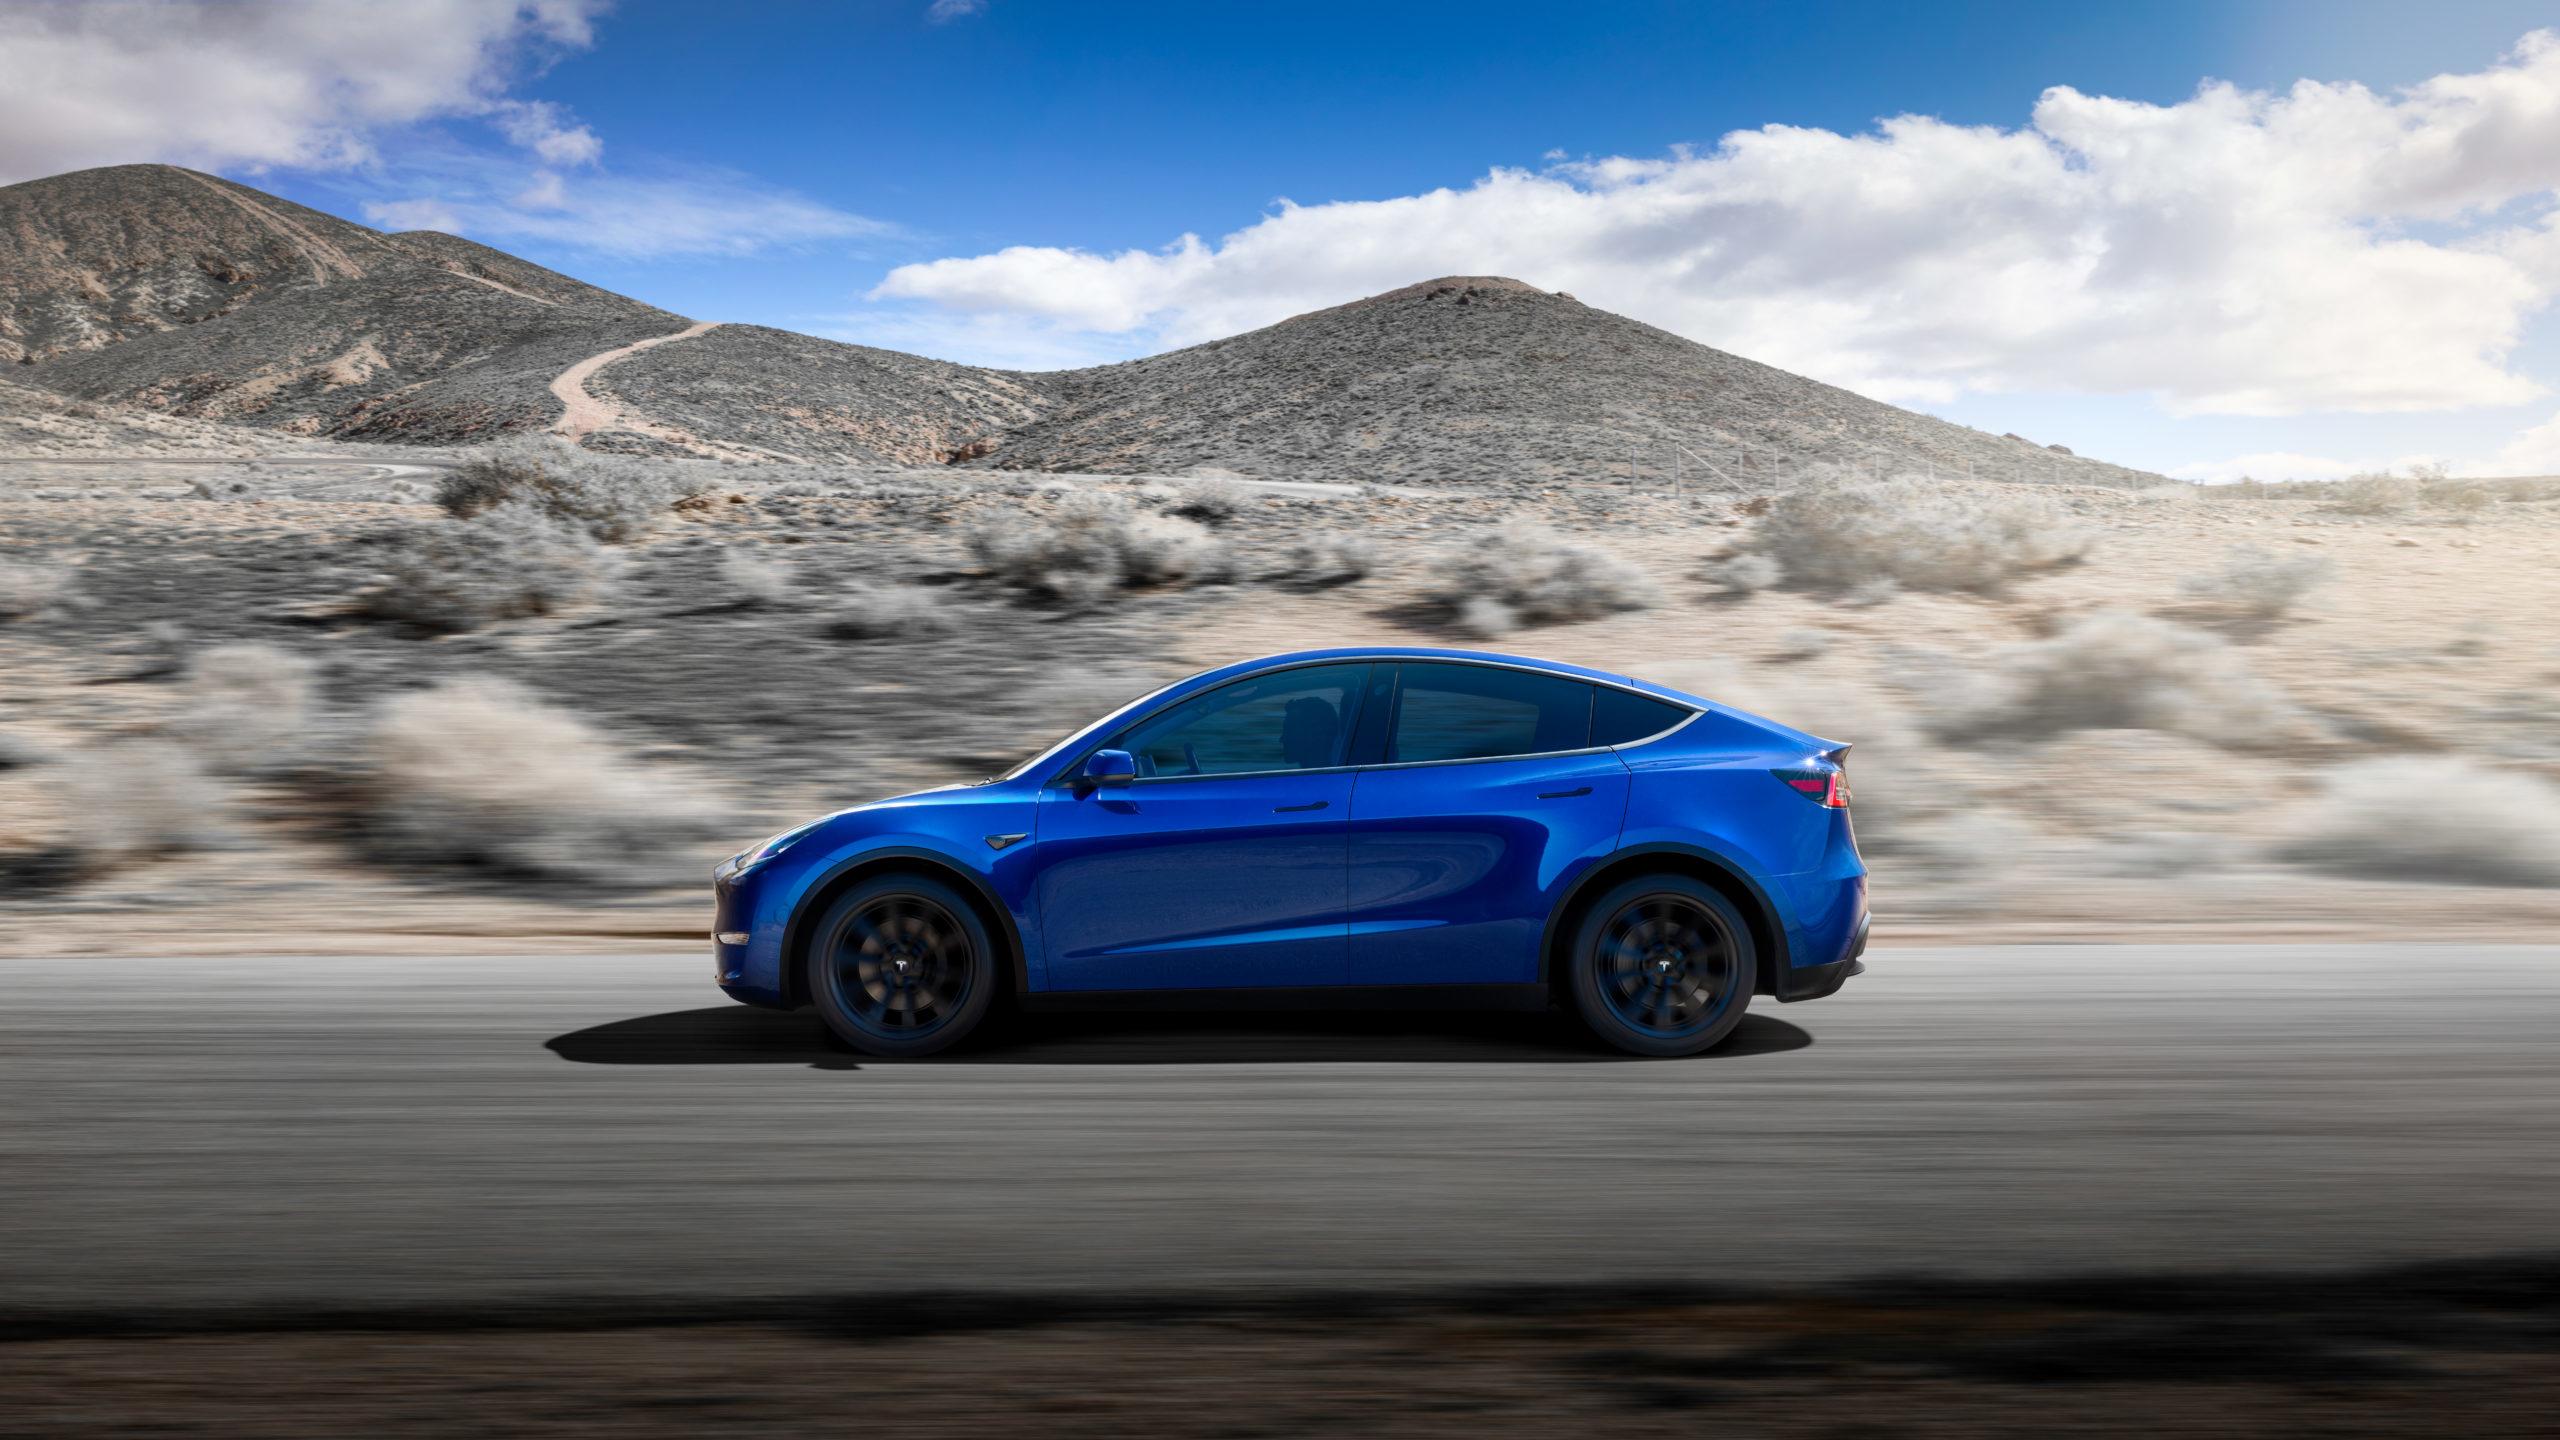 טסלה מודל Y בצבע כחול נוסעת על כביש, מבט מהצד